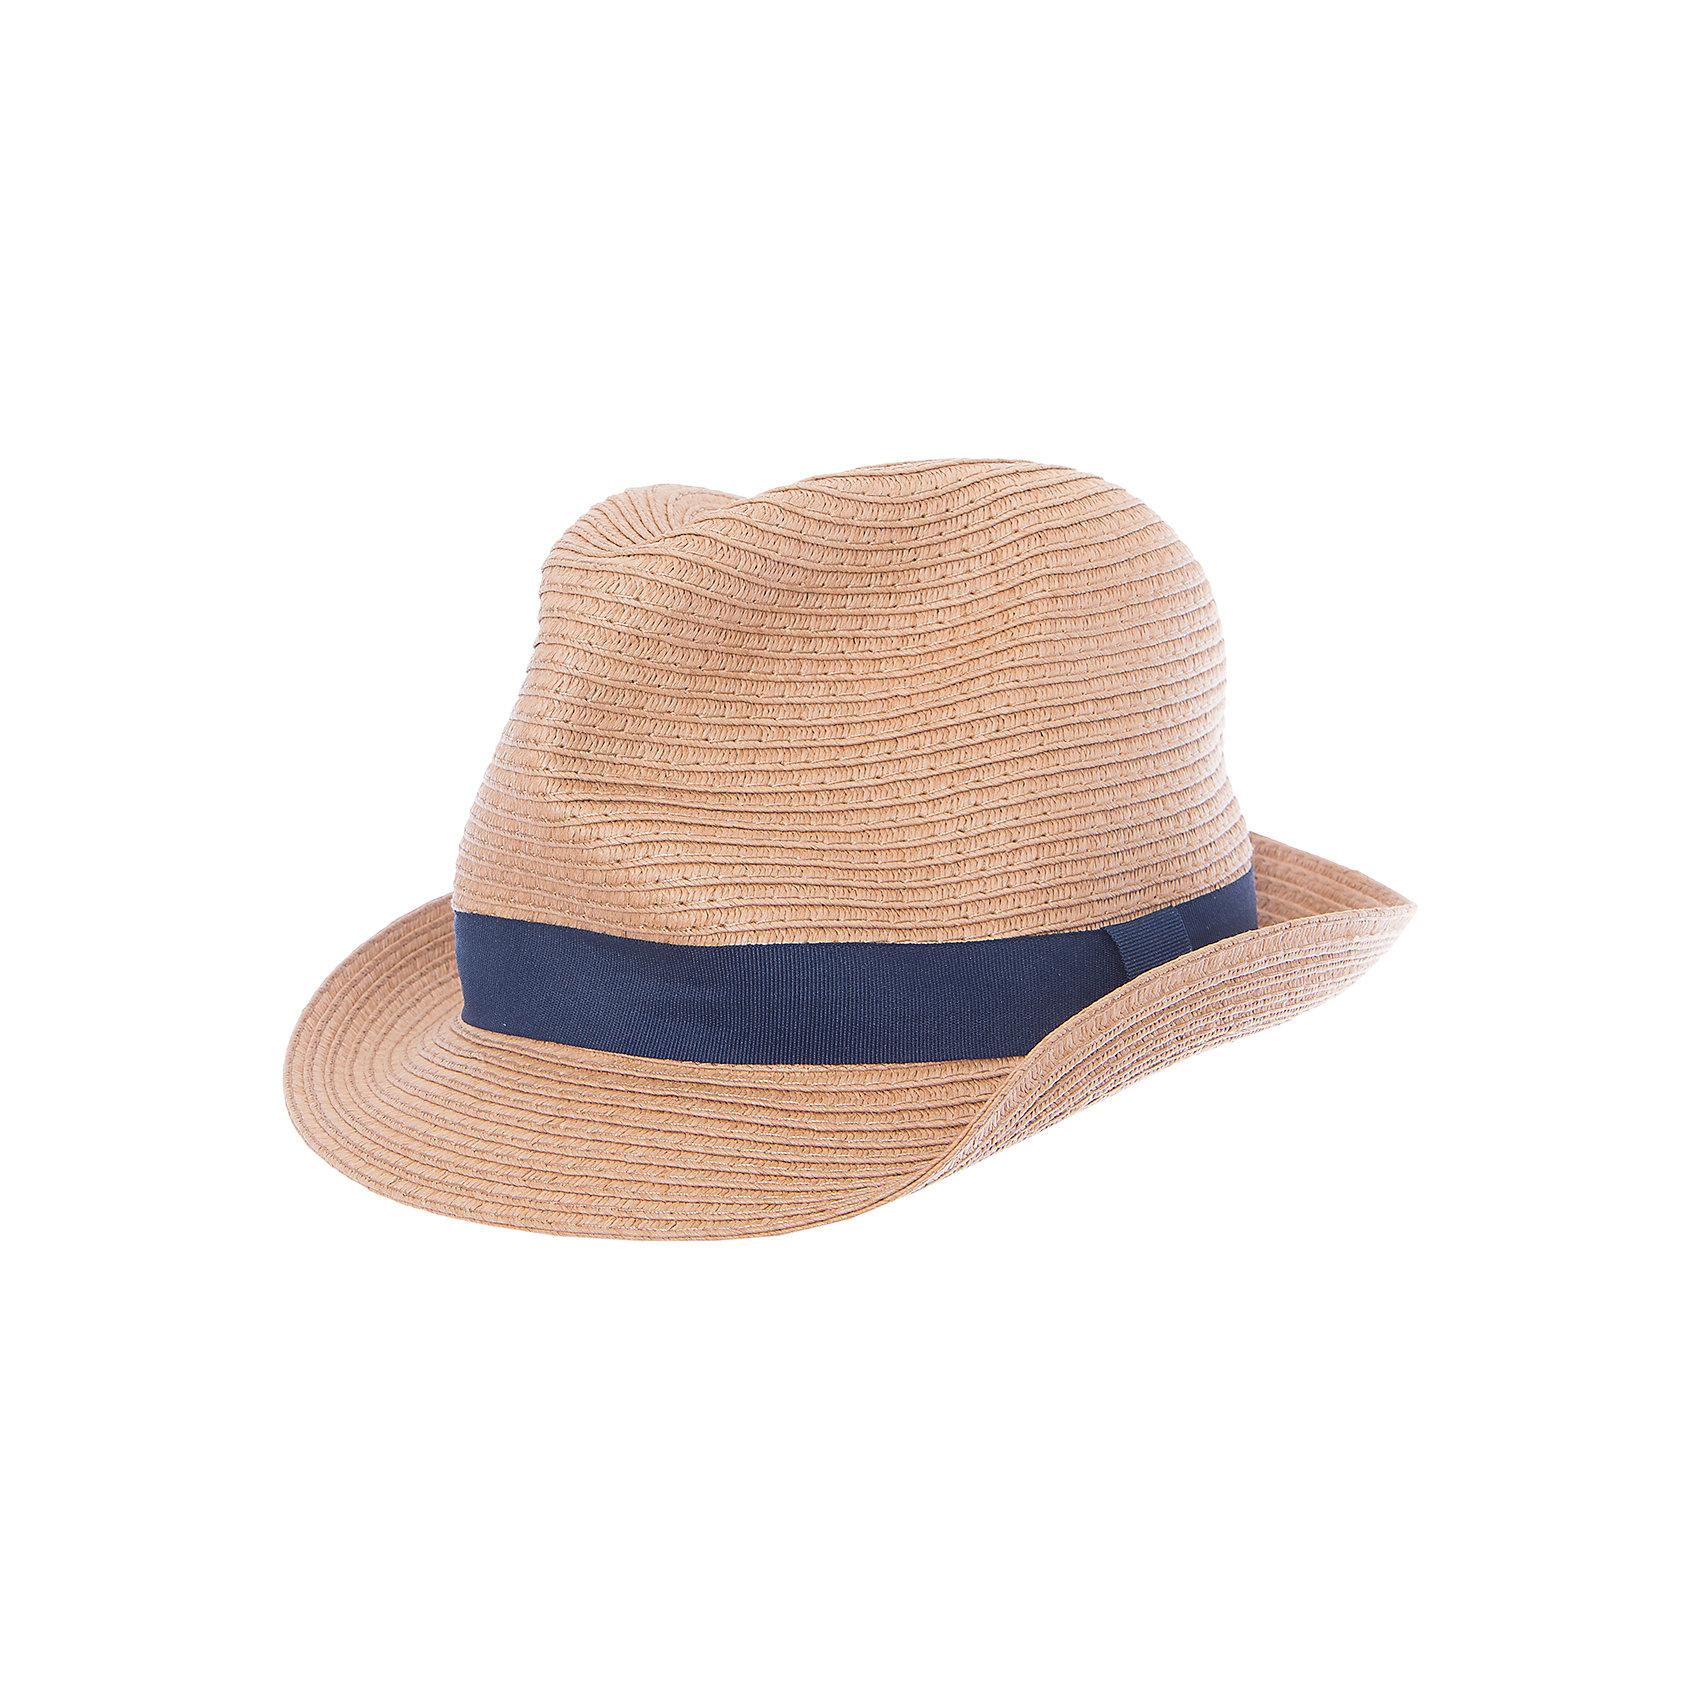 Панама для мальчика ScoolПанама для мальчика Scool<br>Стильная шляпа из натуральной соломки защитит Вашего ребенка в жаркую погоду. Материал не раздражает кожу ребенка. Комфортна при носке.<br>Состав:<br>100% бумажная соломка<br><br>Ширина мм: 89<br>Глубина мм: 117<br>Высота мм: 44<br>Вес г: 155<br>Цвет: светло-коричневый<br>Возраст от месяцев: 60<br>Возраст до месяцев: 6<br>Пол: Мужской<br>Возраст: Детский<br>Размер: 56,54<br>SKU: 5406788